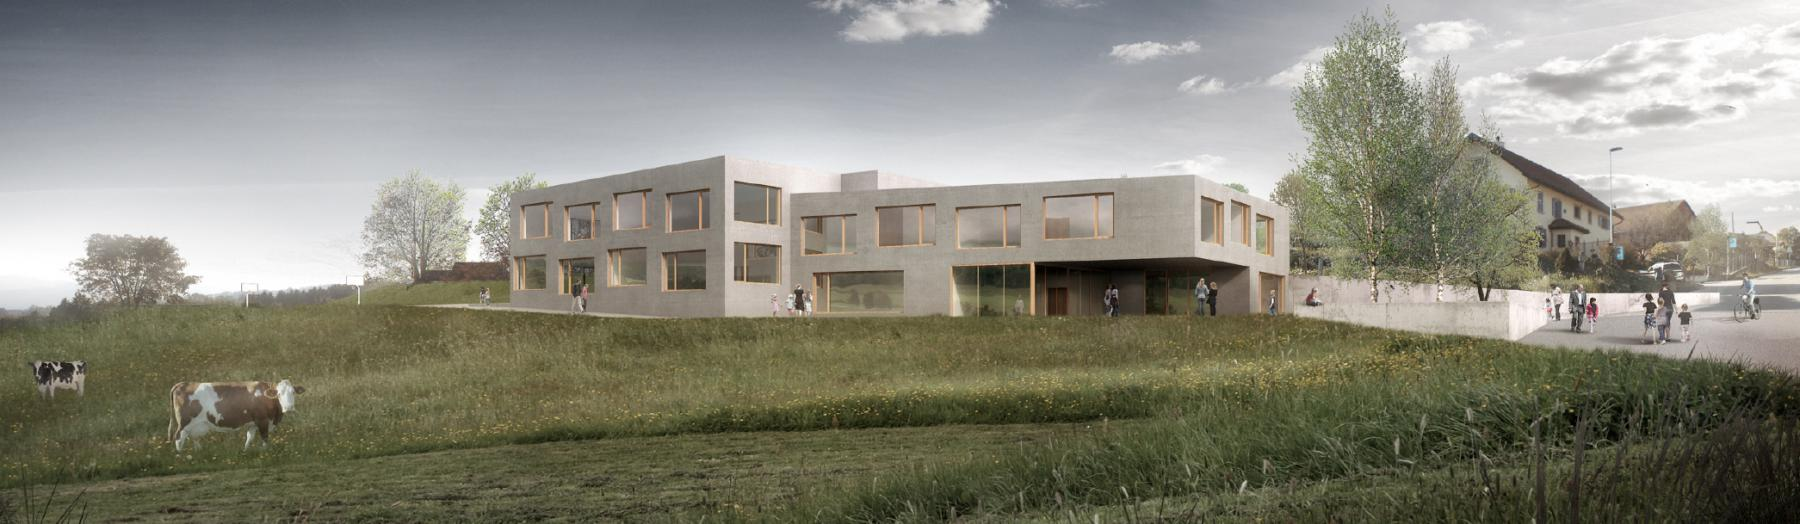 Nouvelle école, Sorens, ATELIER PULVER ARCHITECTES, farandole